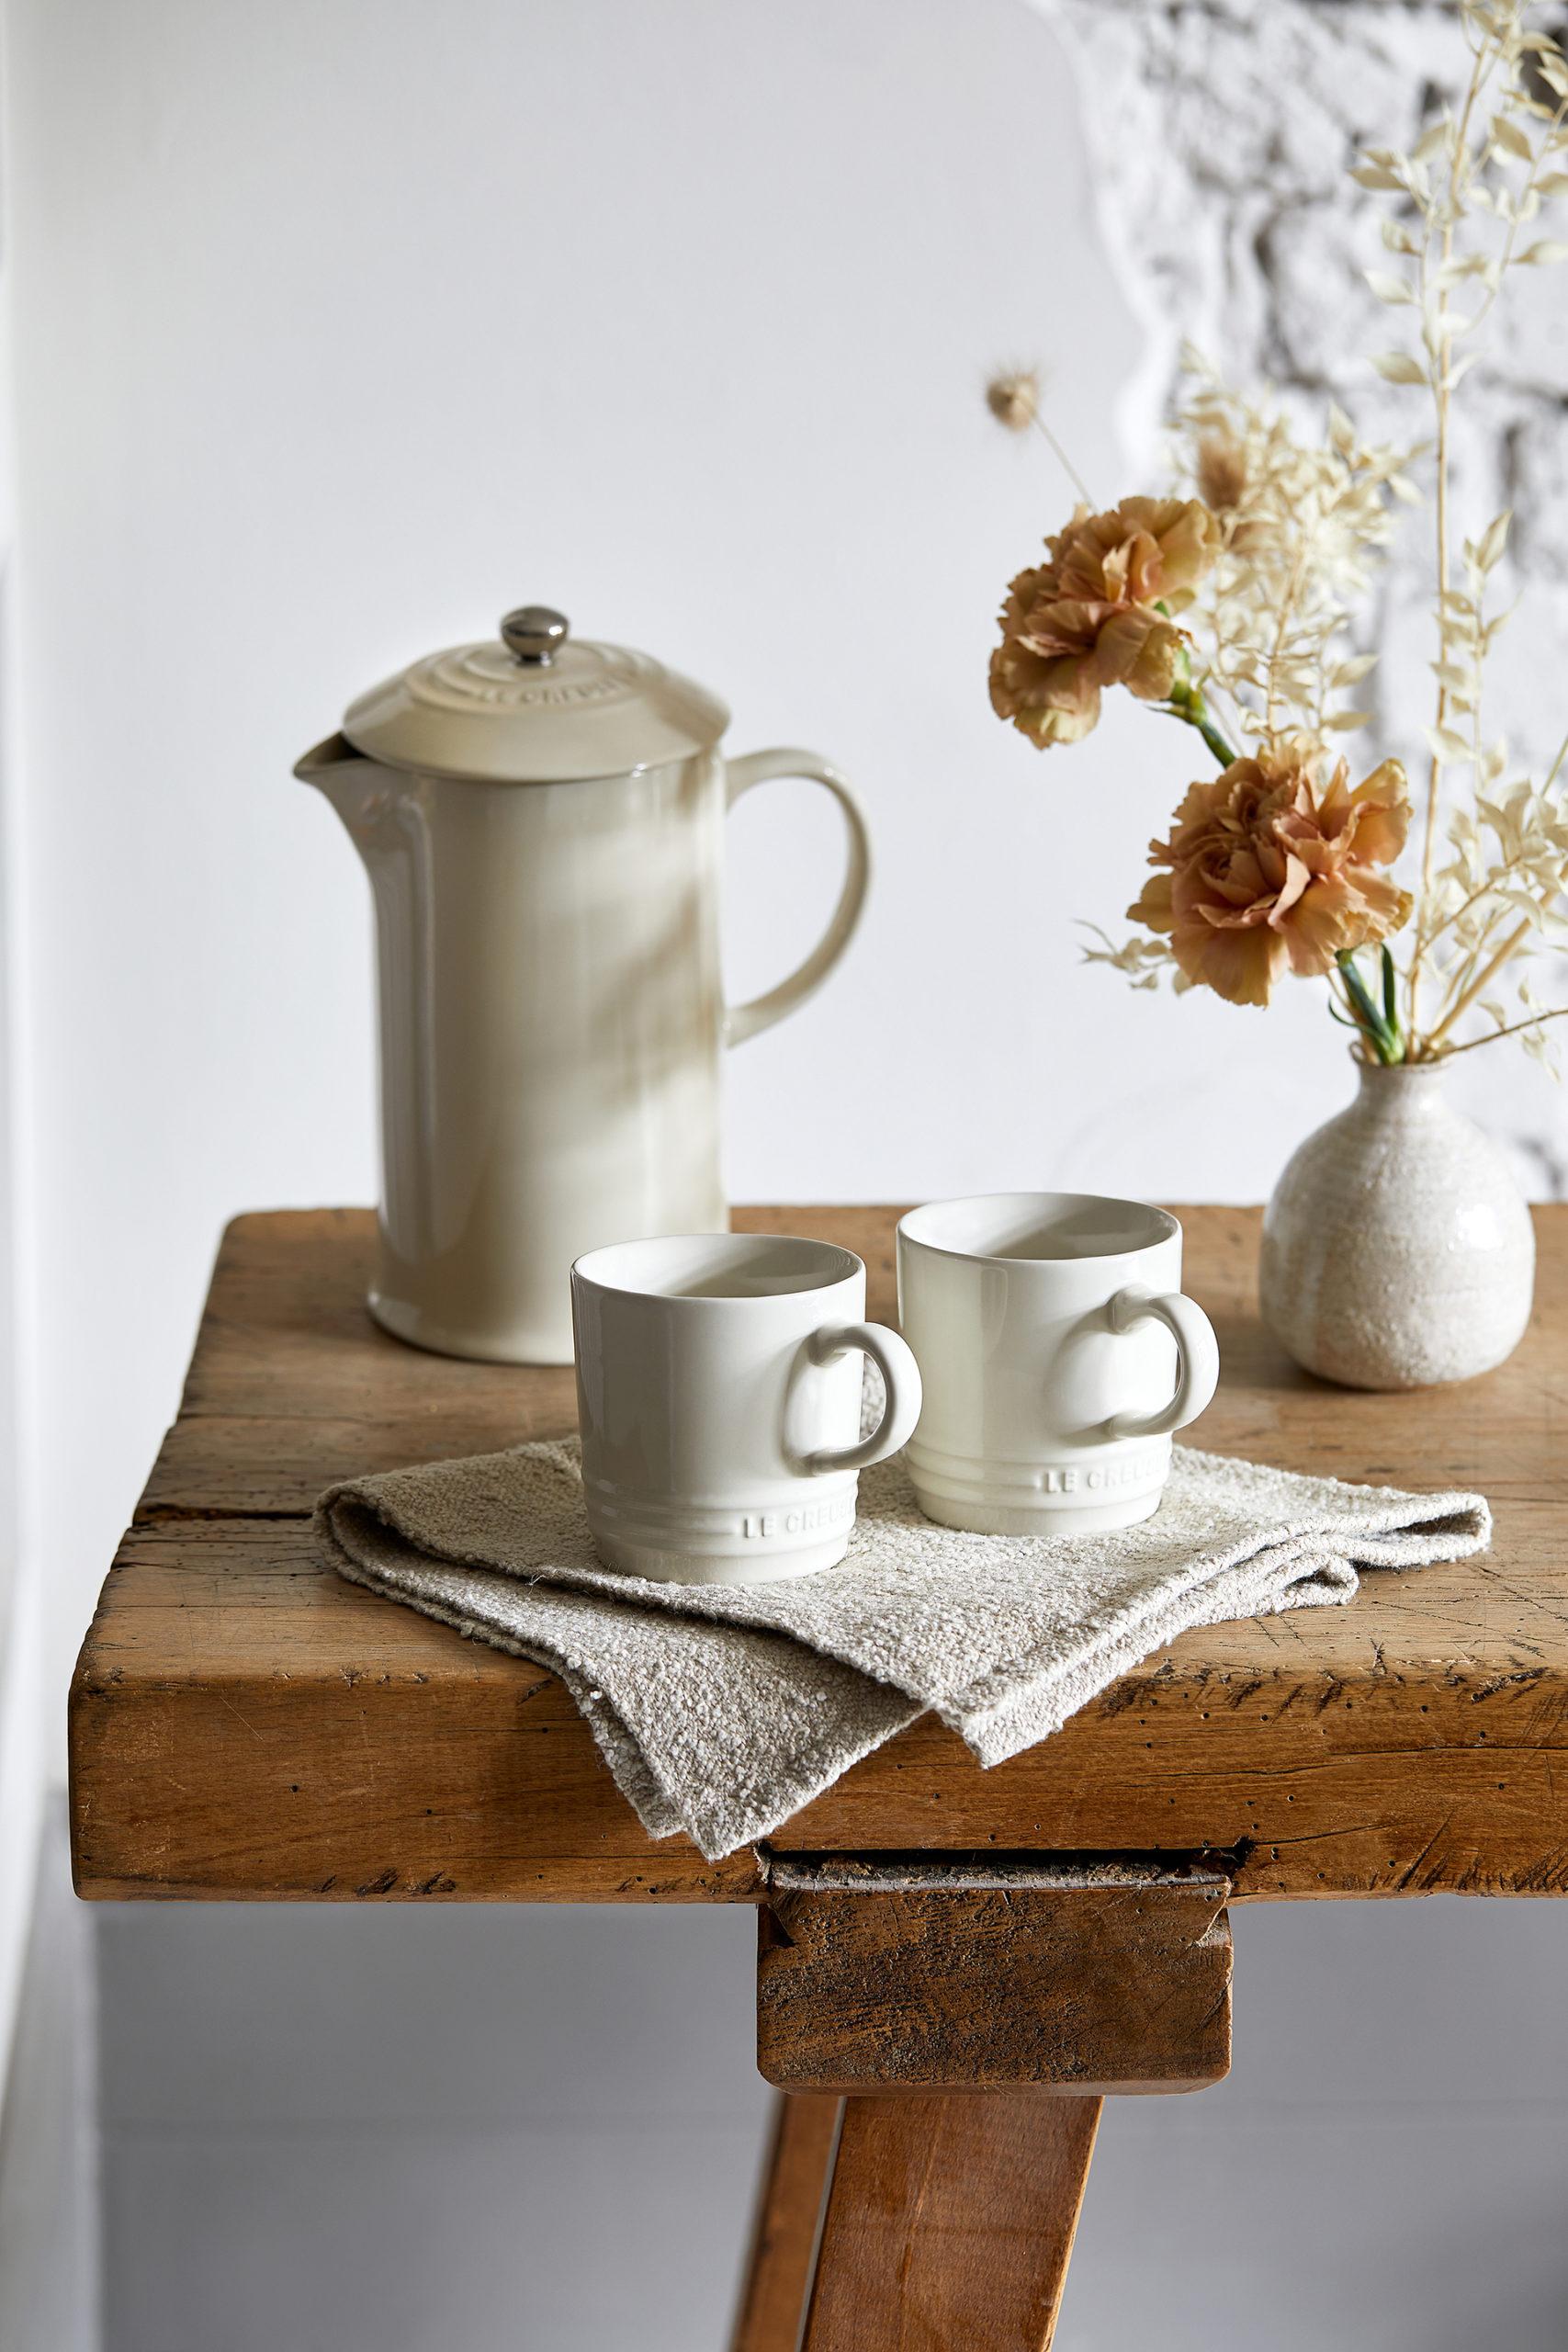 Der Kaffeebereiter aus Steinzeug samt passenden Bechern verströmt eine unaufdringliche Eleganz